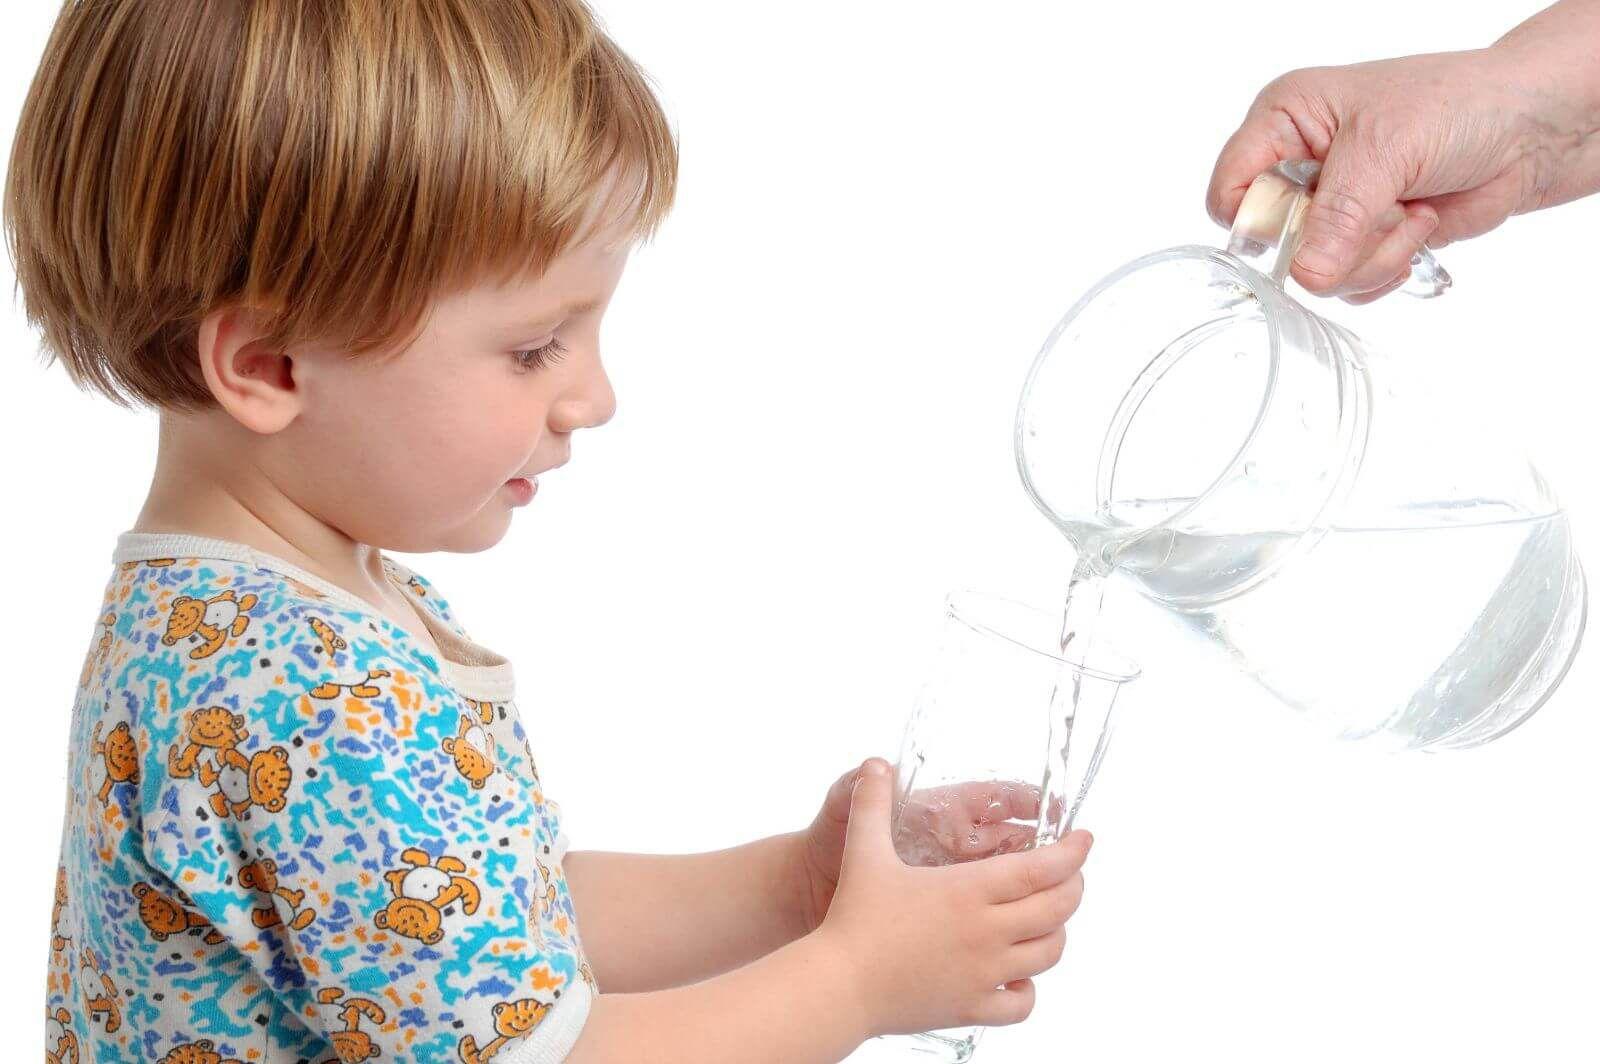 Bù điện giải sai cách gây hại cho trẻ